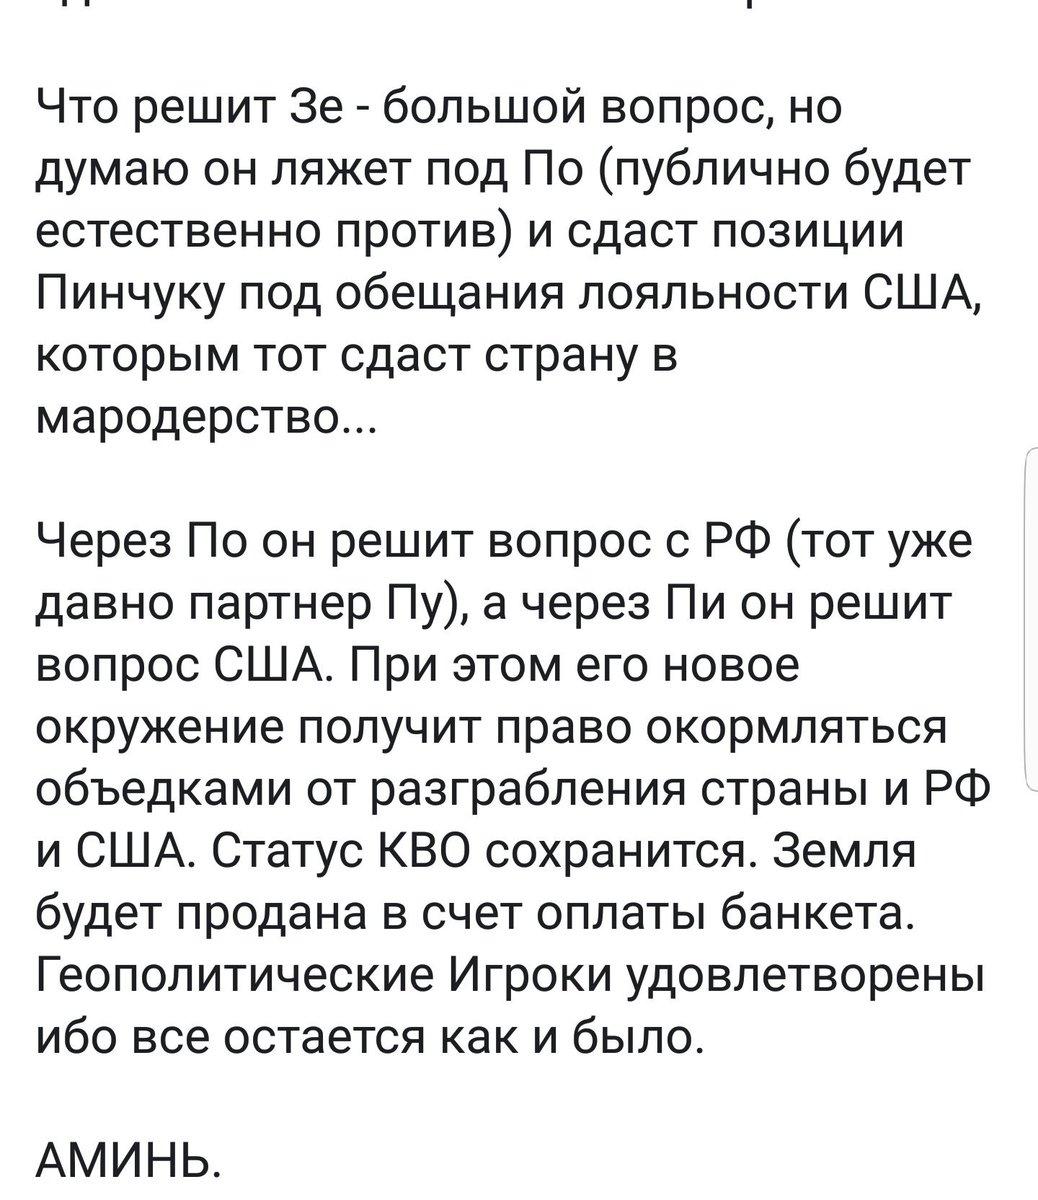 Зеленський дуже швидко налаштує людей проти себе, якщо піде на поступки РФ, - Волкер - Цензор.НЕТ 9395